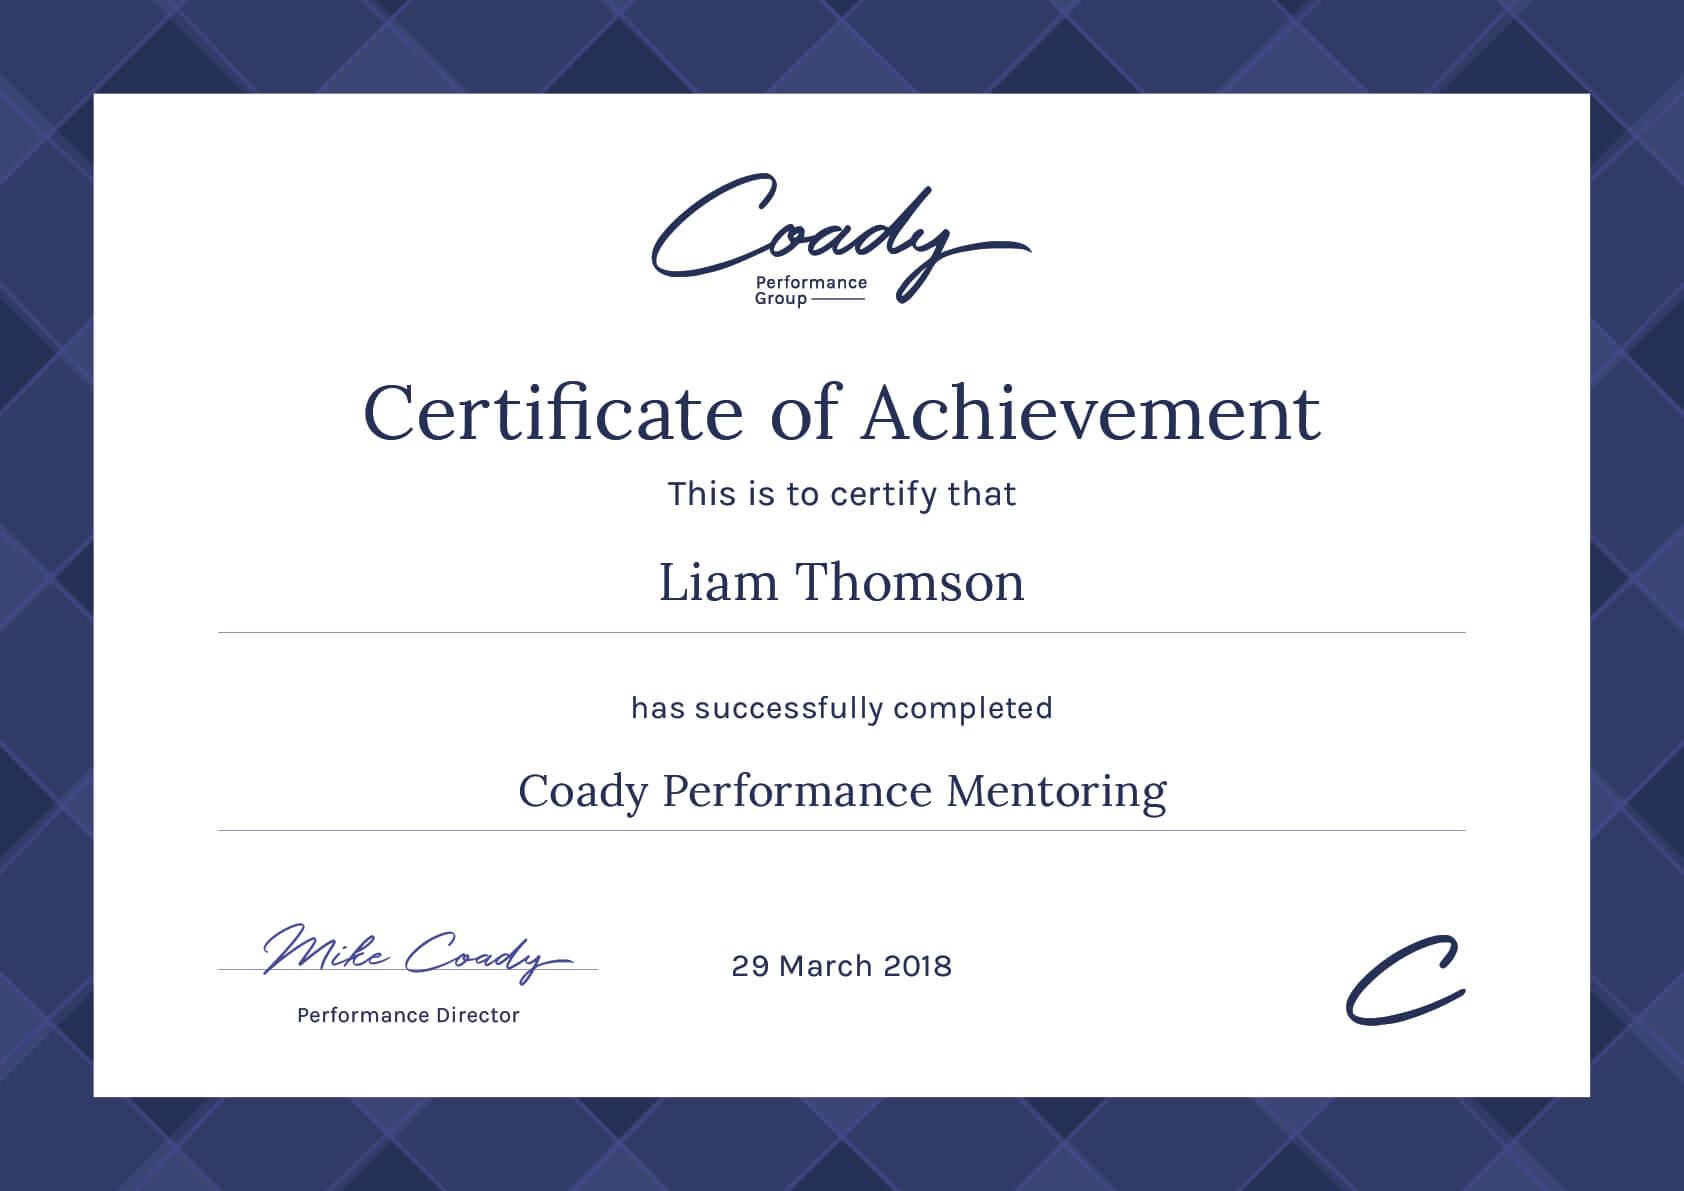 Coady Certificate